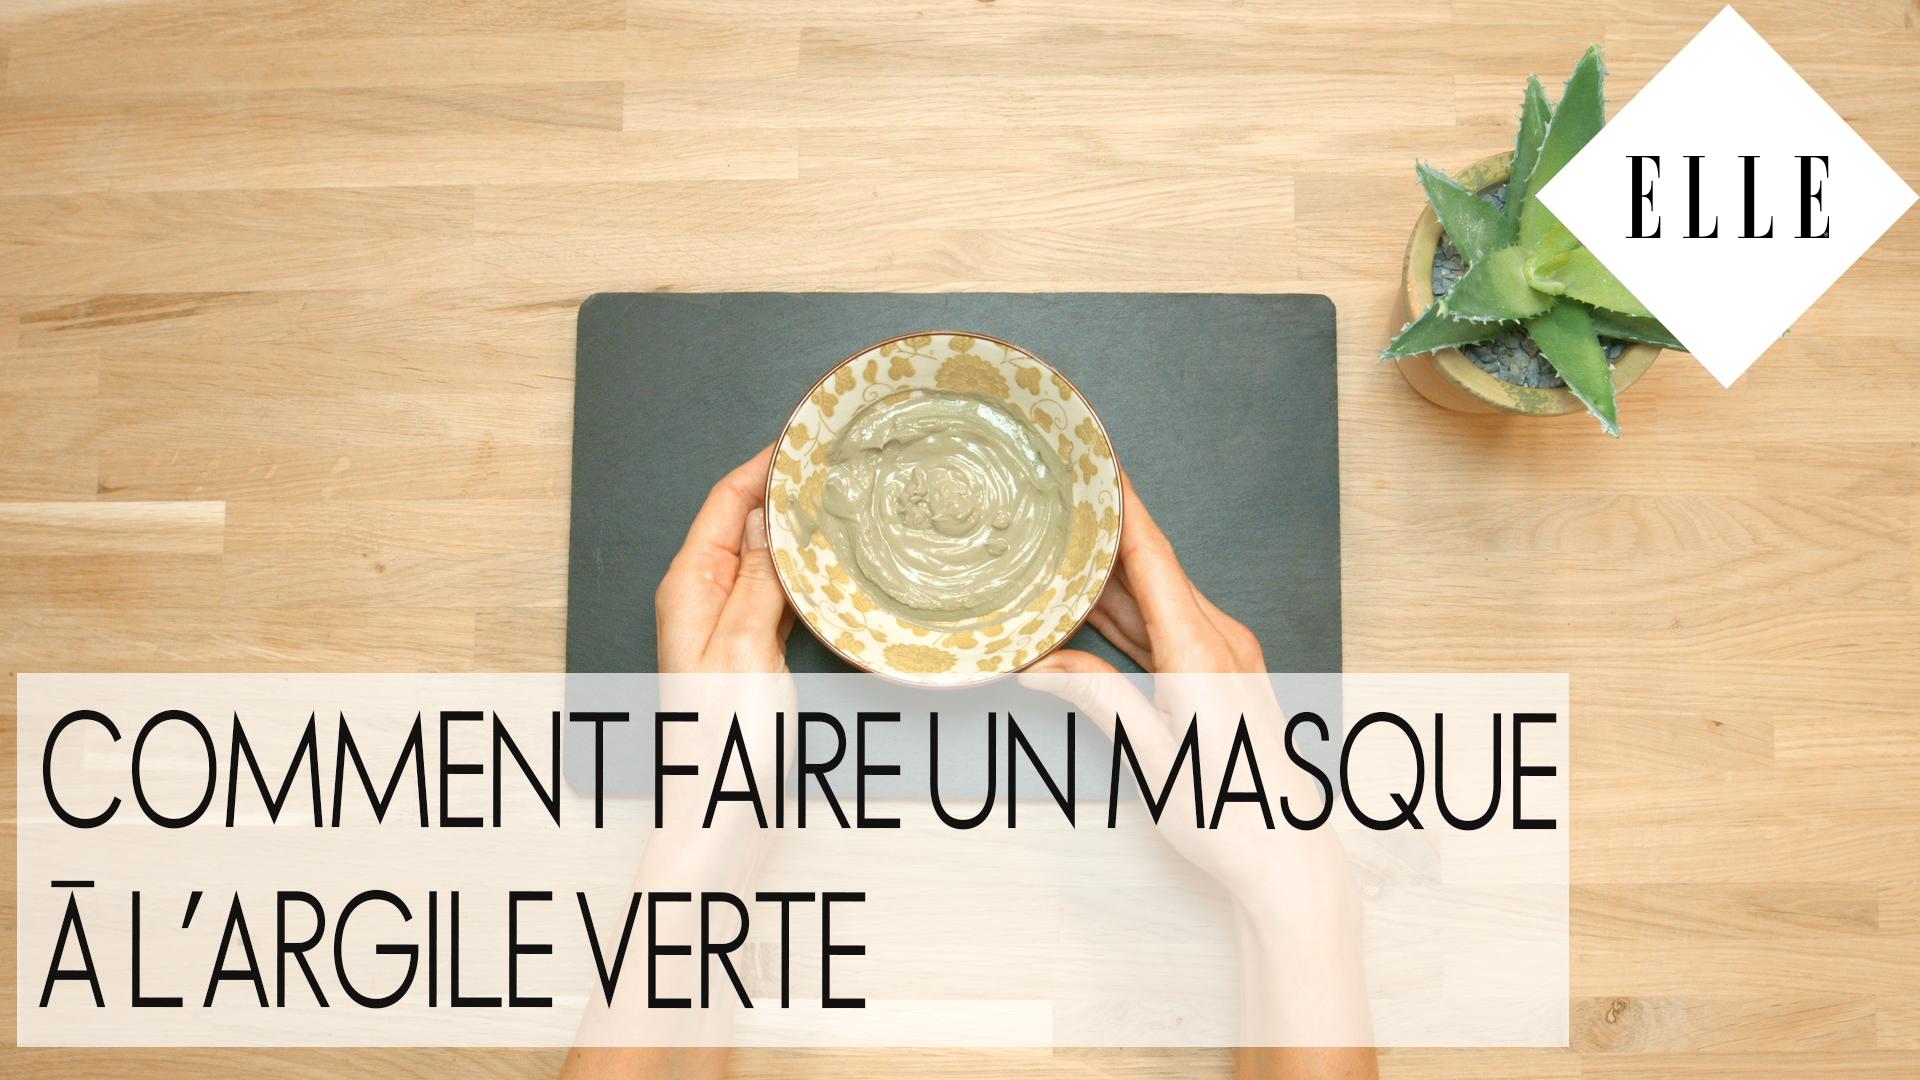 diy comment faire un masque l argile verte elle vid os. Black Bedroom Furniture Sets. Home Design Ideas